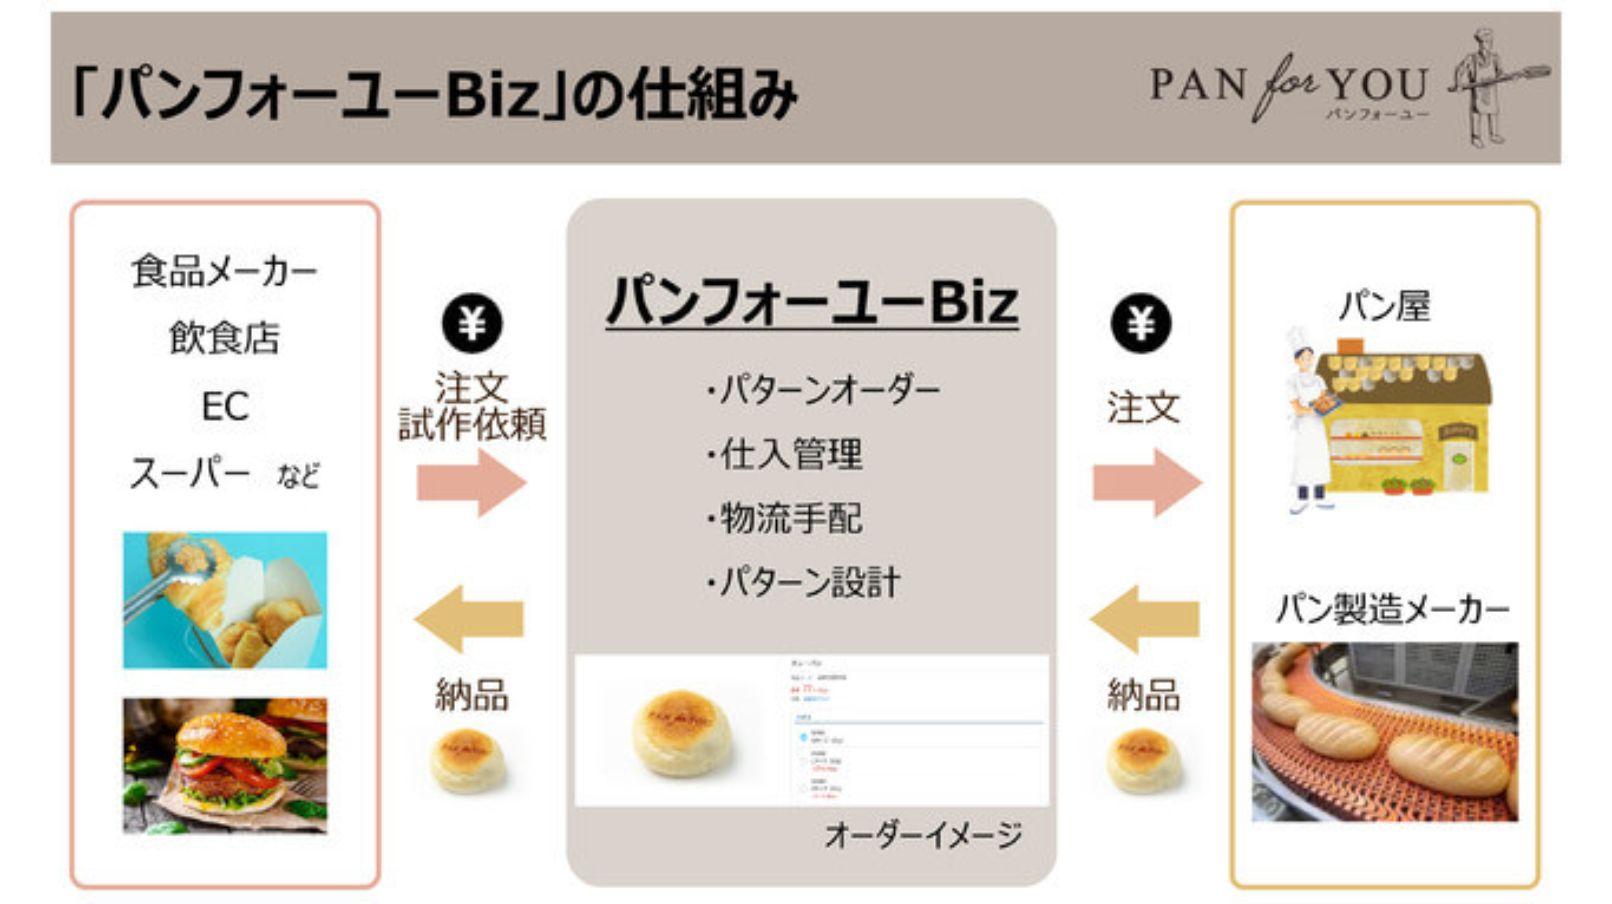 """""""おいしいパン""""を小ロットから発注できる「パンフォーユーBiz」、企業がもつパンに関する多様なアイデアの商品化を支援"""